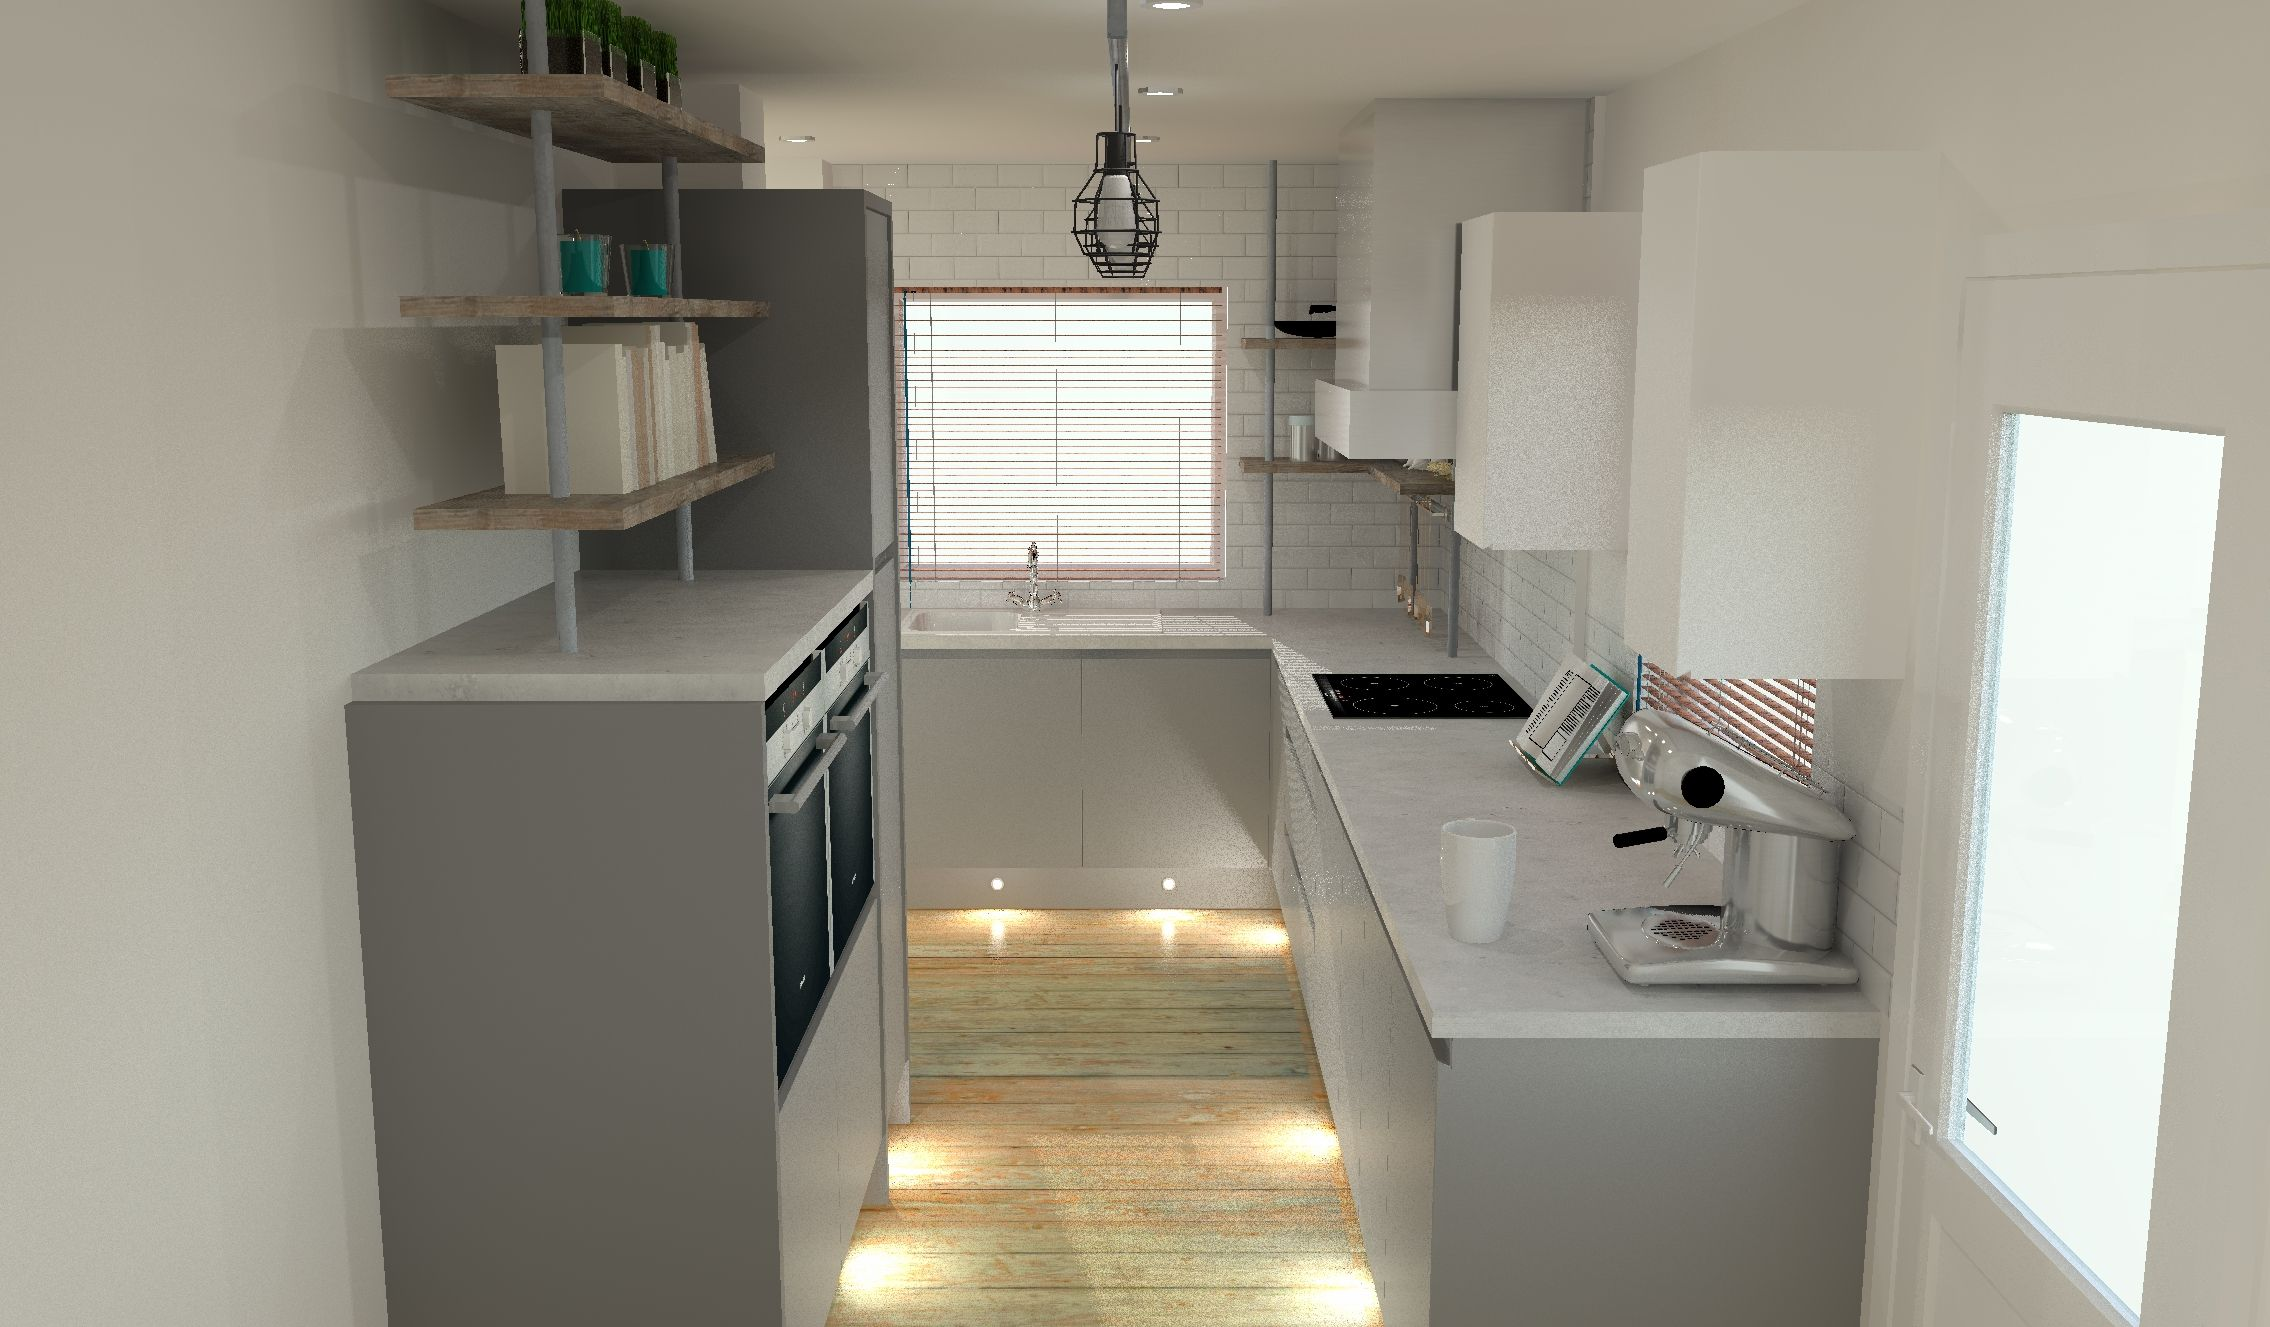 Pindarcy's Interior Station On Kitchen Designs Cad  Pinterest Gorgeous Kitchen Design Cad Software Design Decoration